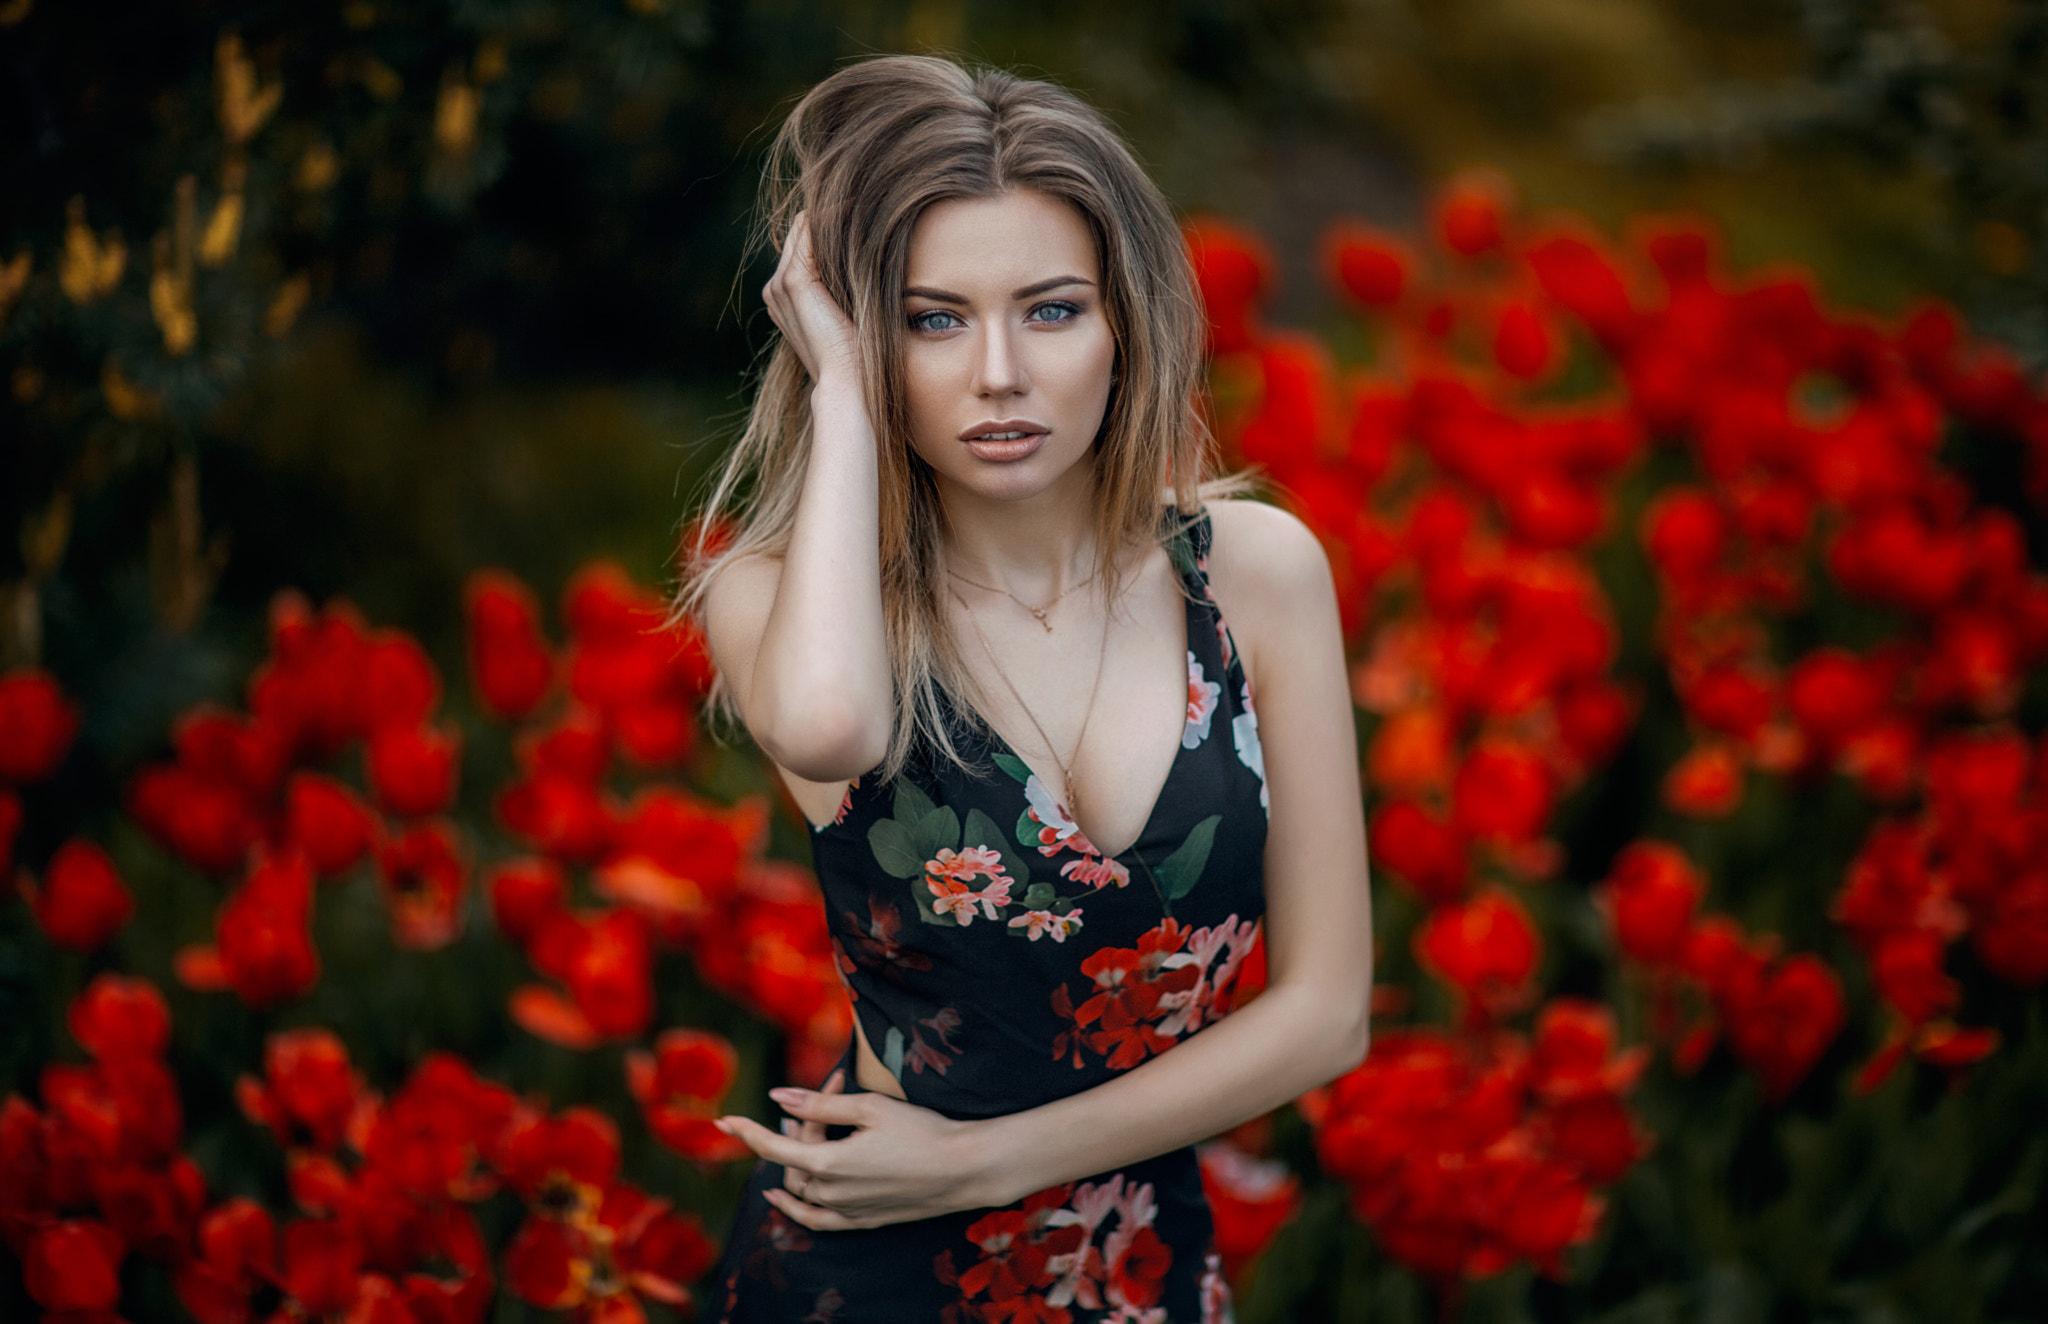 Молодая Девушка Обои